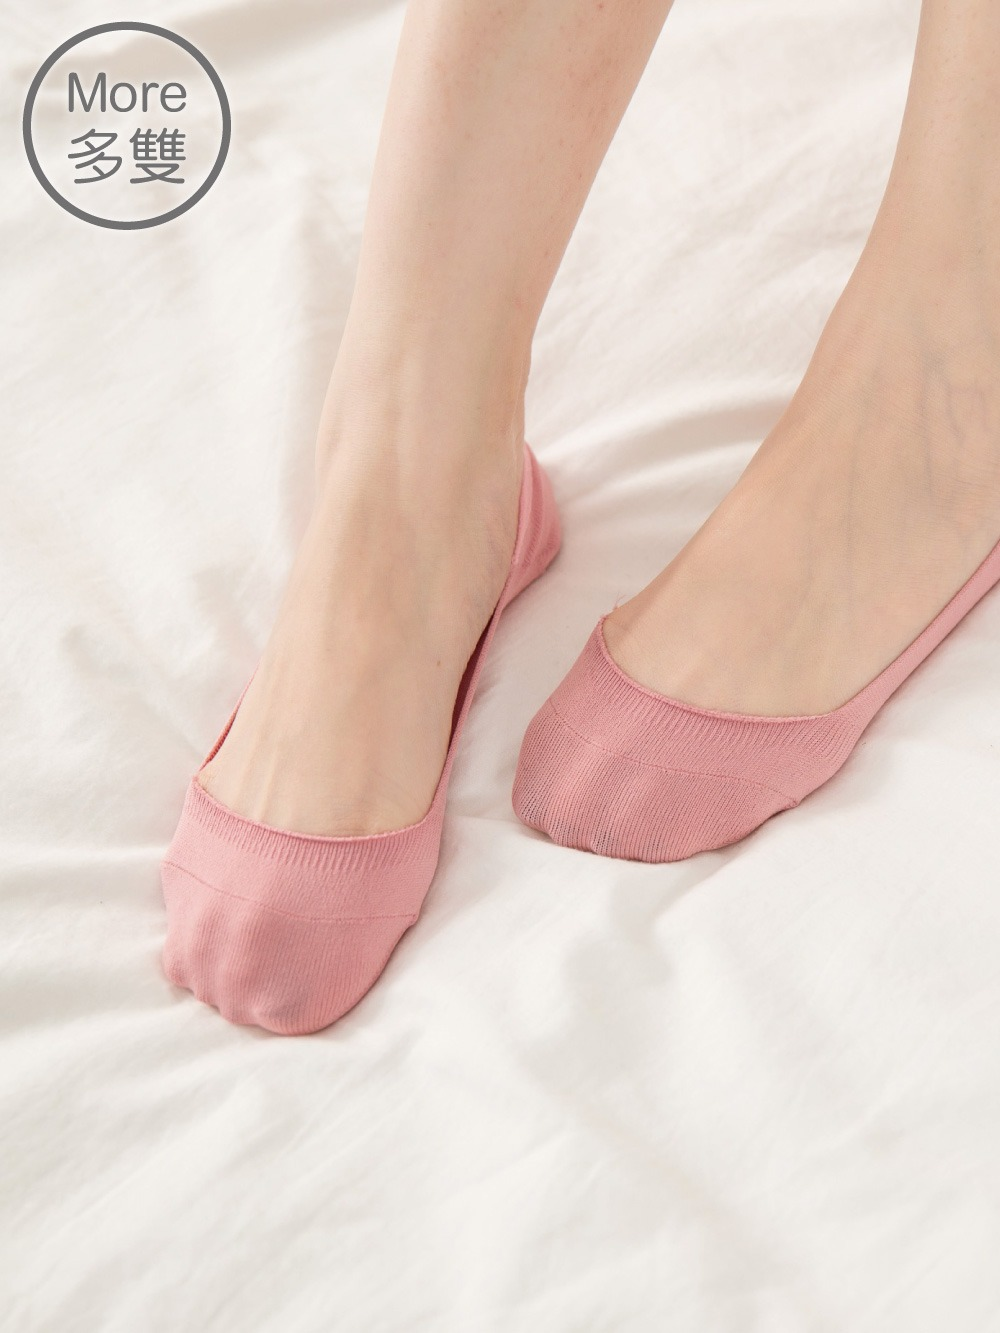 貝柔(6雙)0束痕吸濕速乾止滑襪套-娃娃鞋款